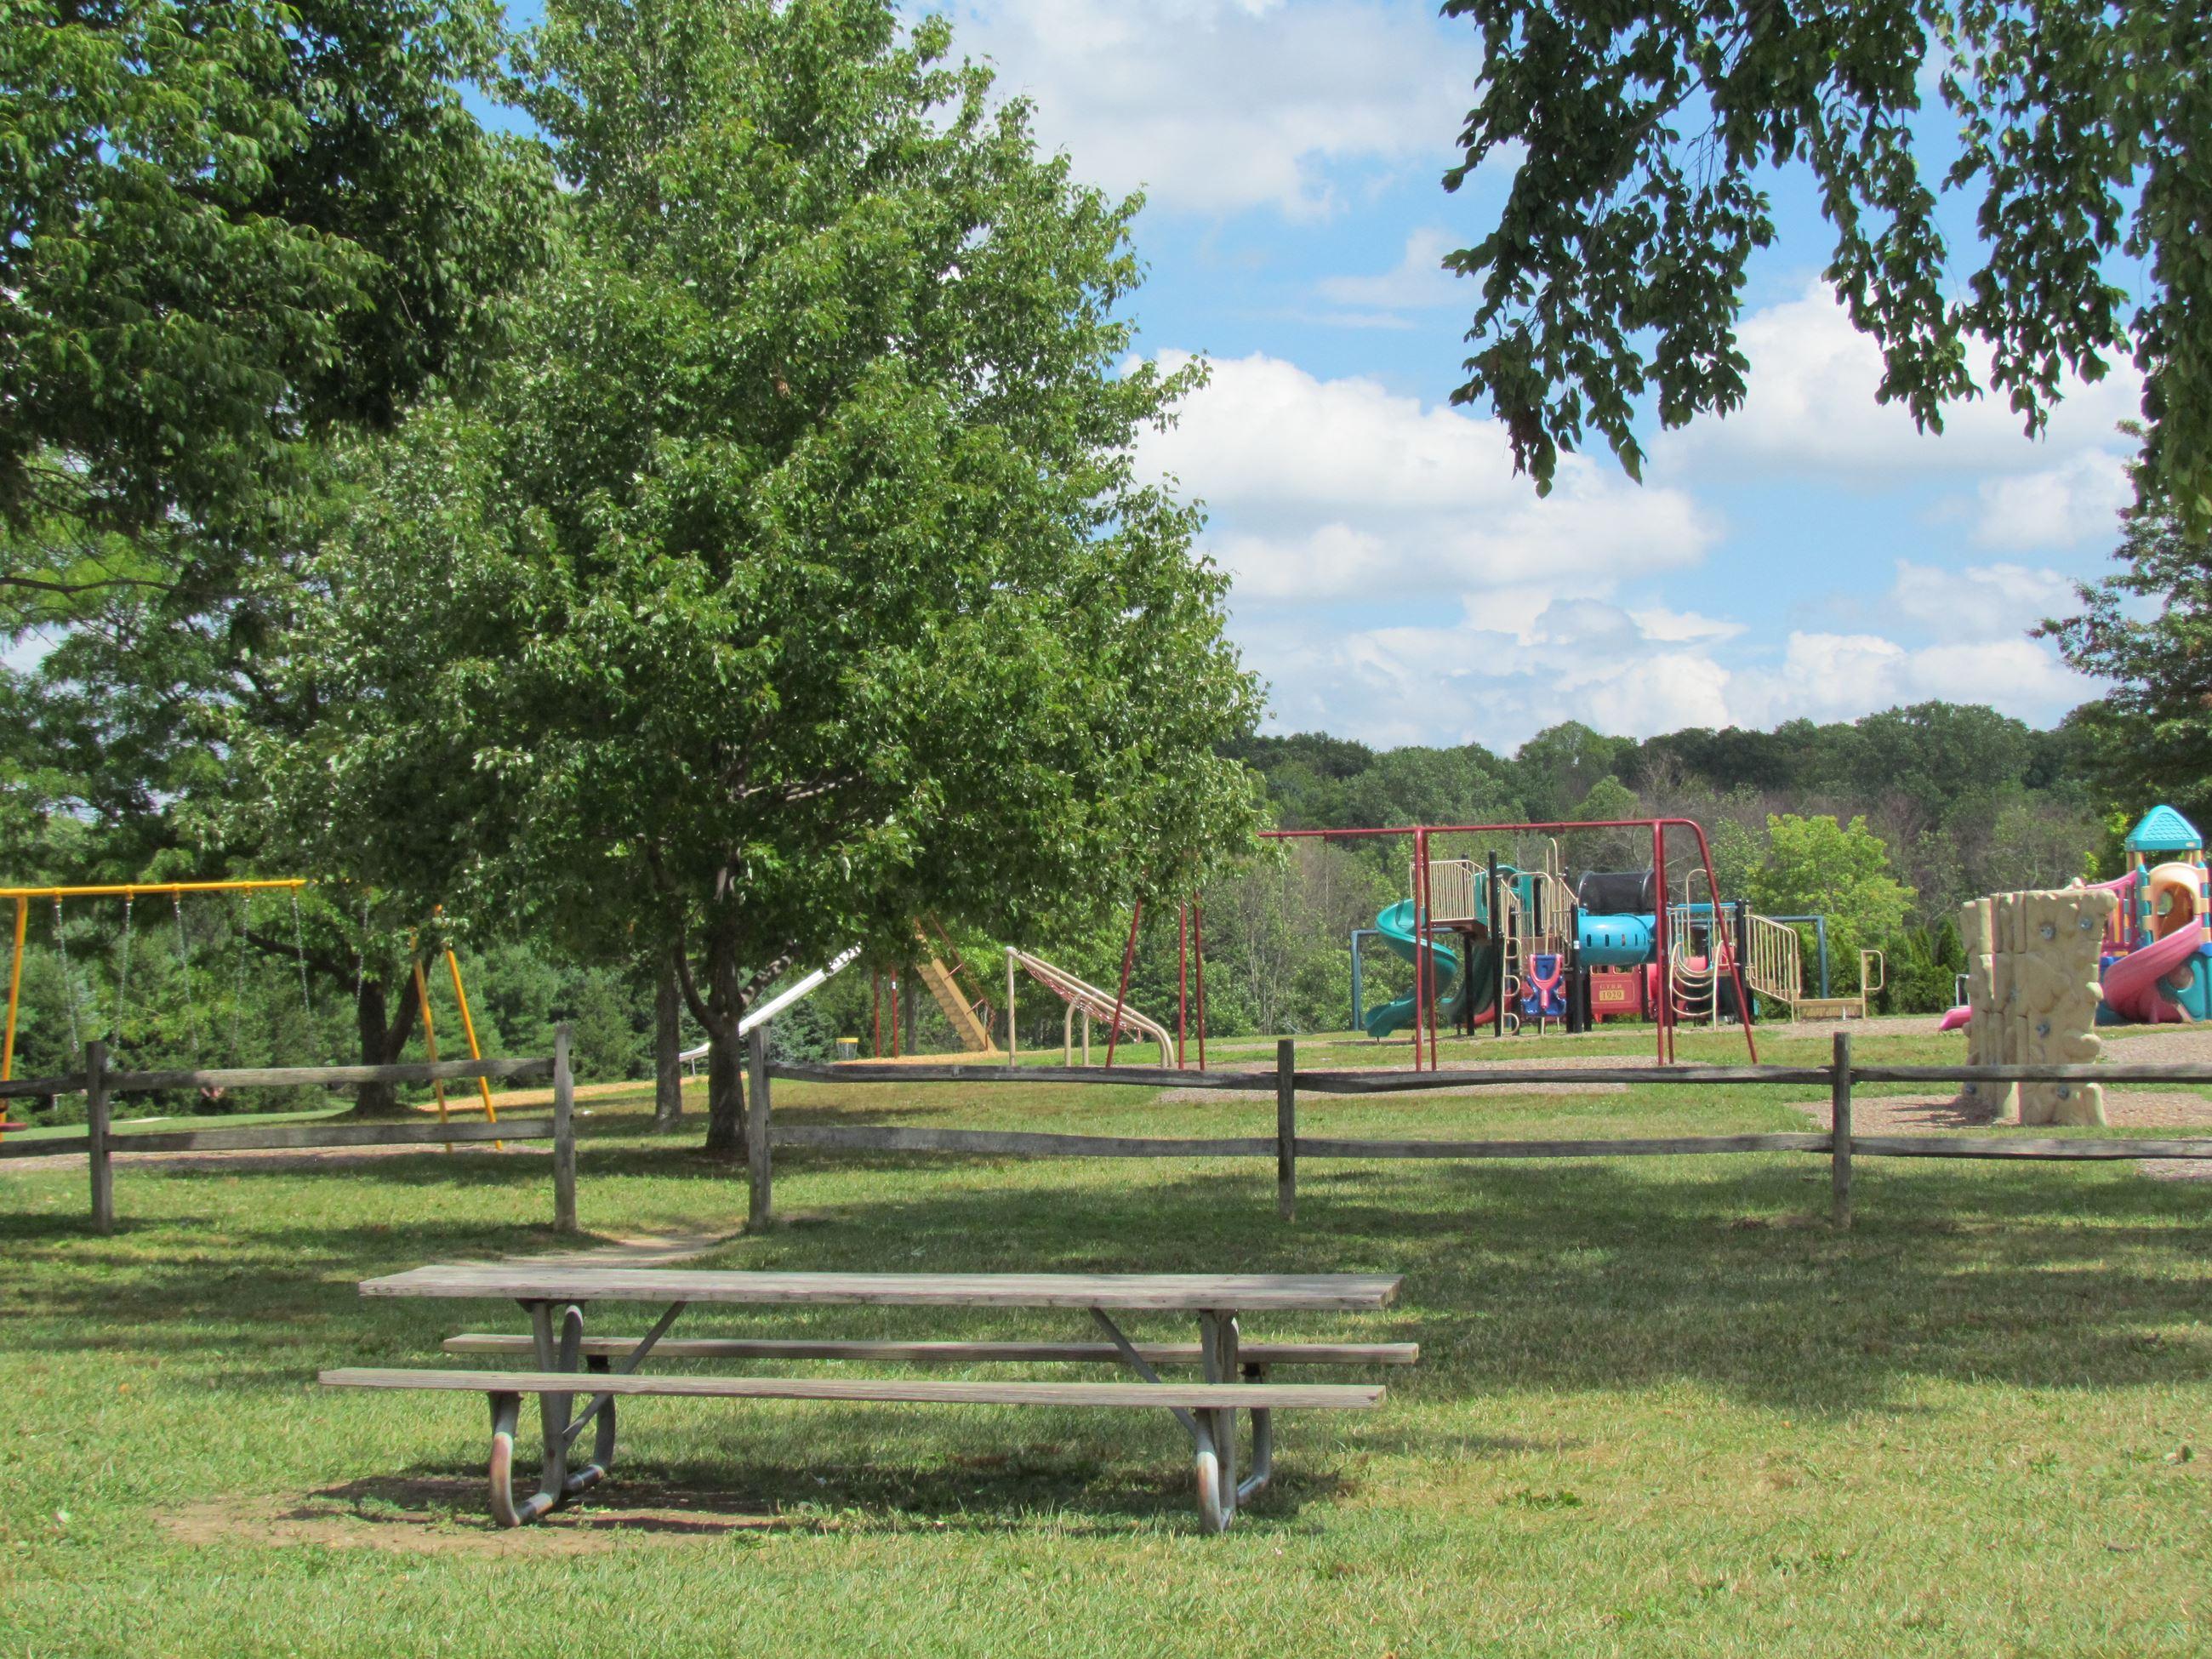 Parks hudson oh official website for Hudson park